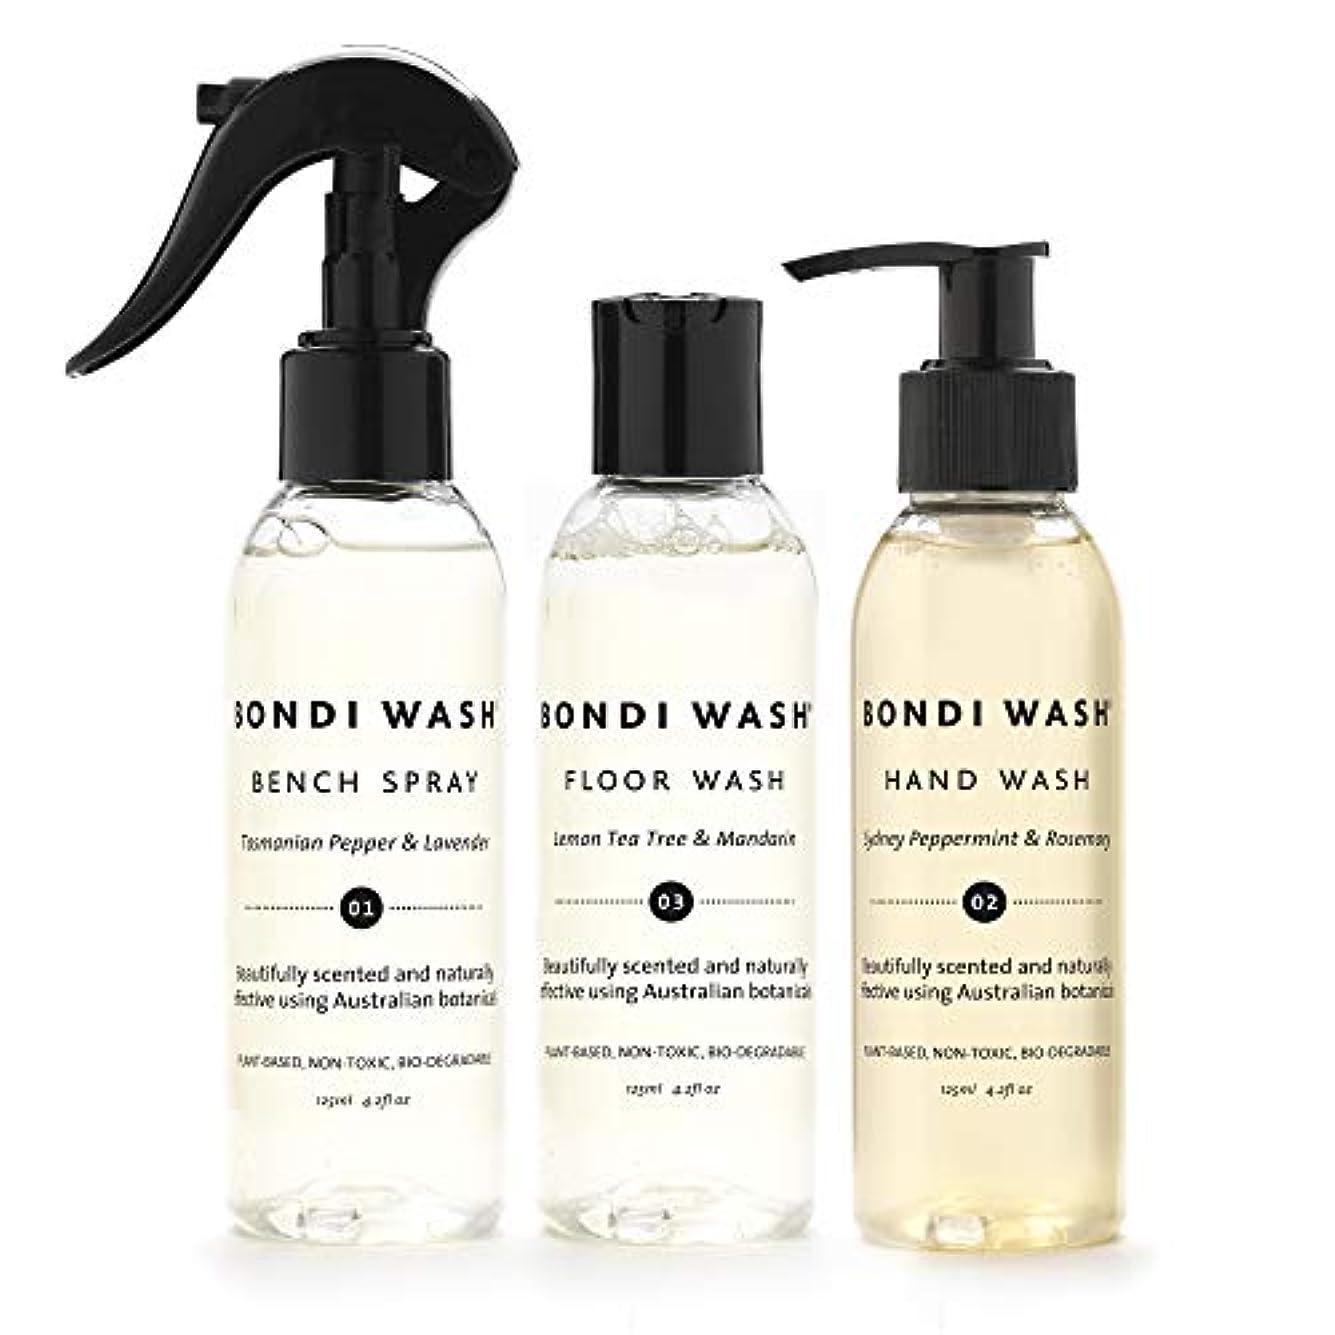 誘惑する水分イディオムBONDI WASH ミニホームケアトリオ 125ml×3種セット